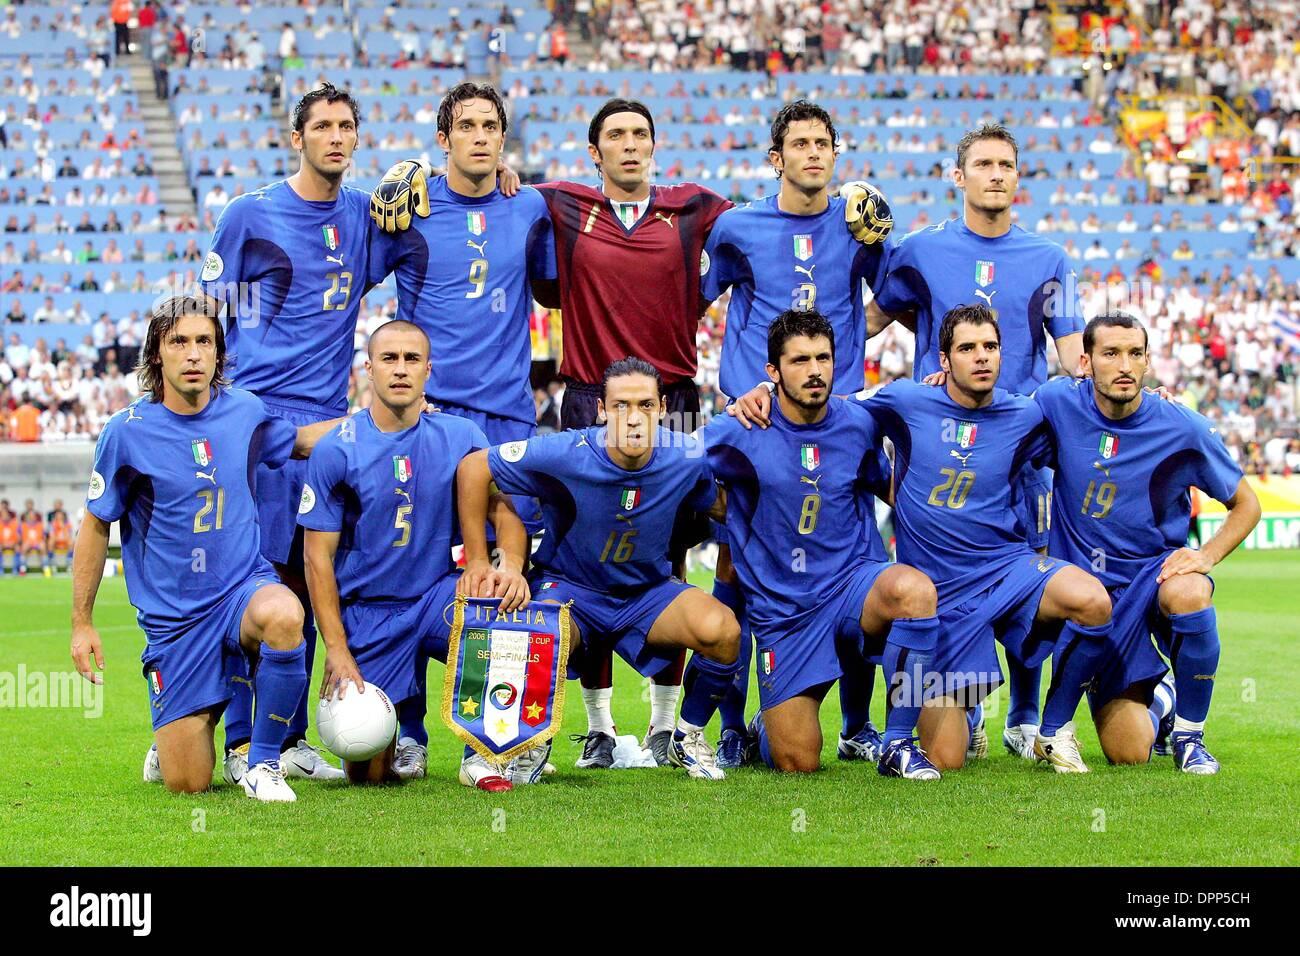 2006 world cup twins brighteyes69r 9